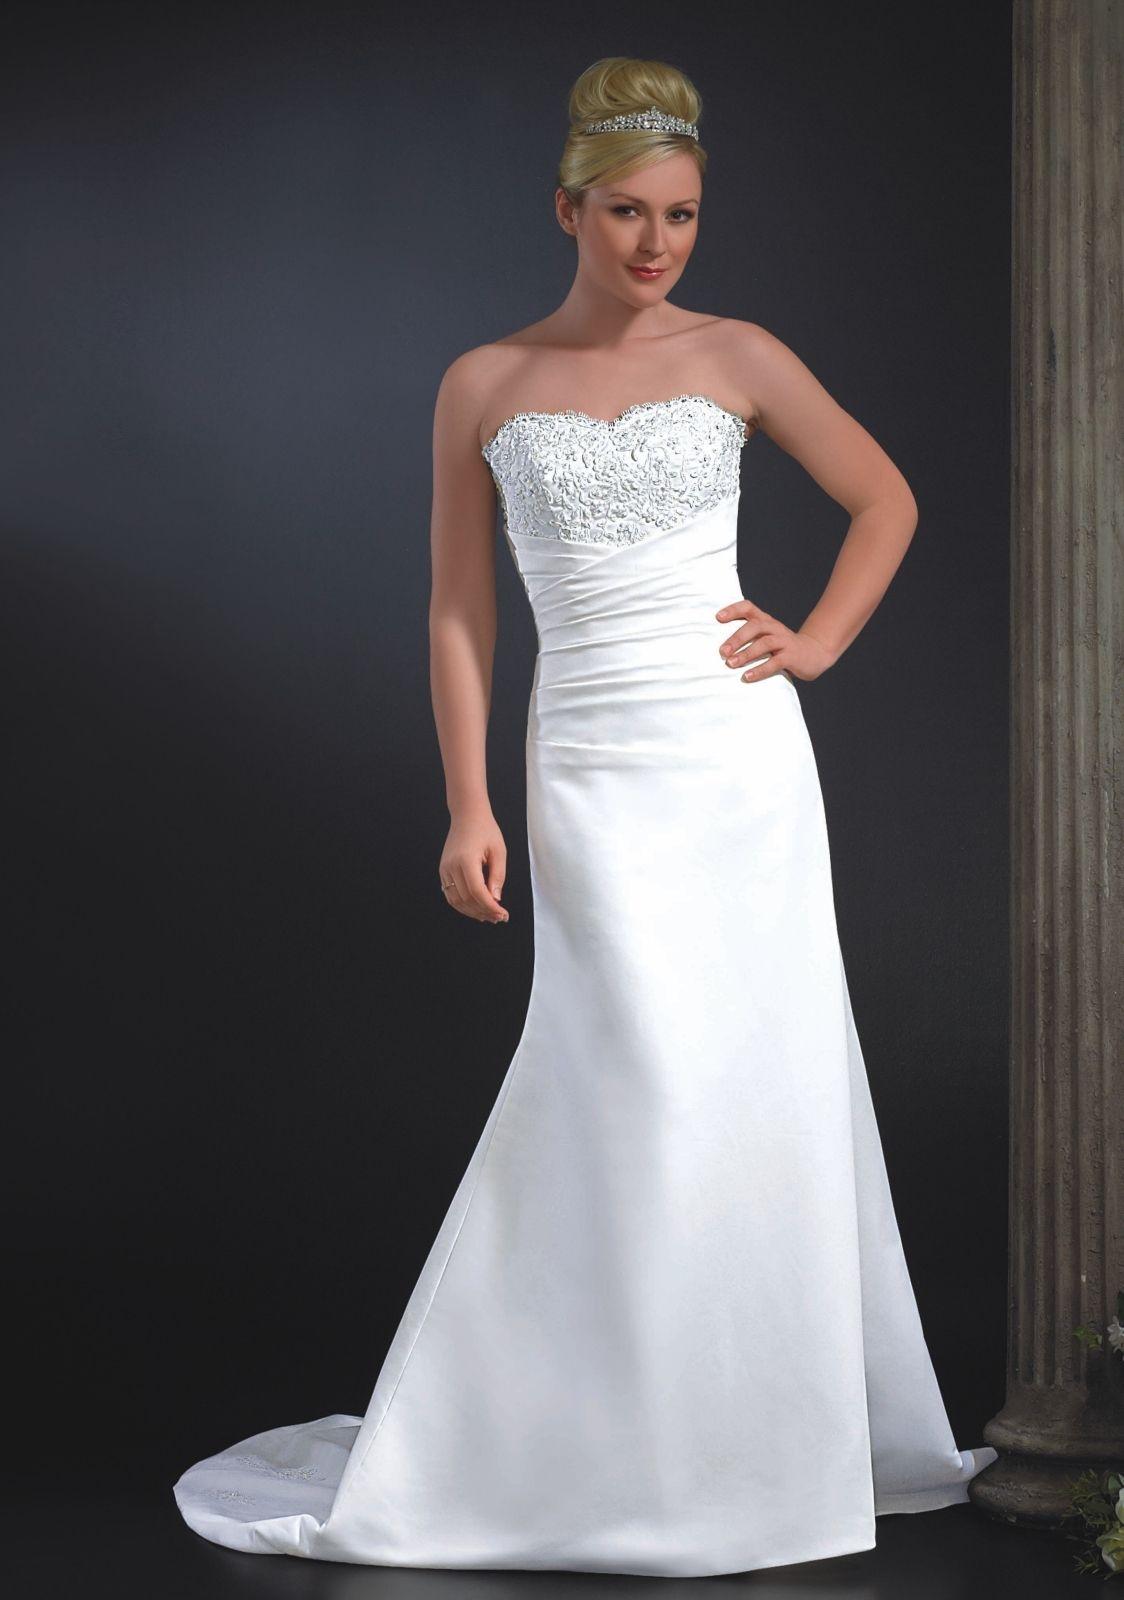 Wedding Dresses In Phx Az | Wedding Dress | Pinterest | Phx az ...